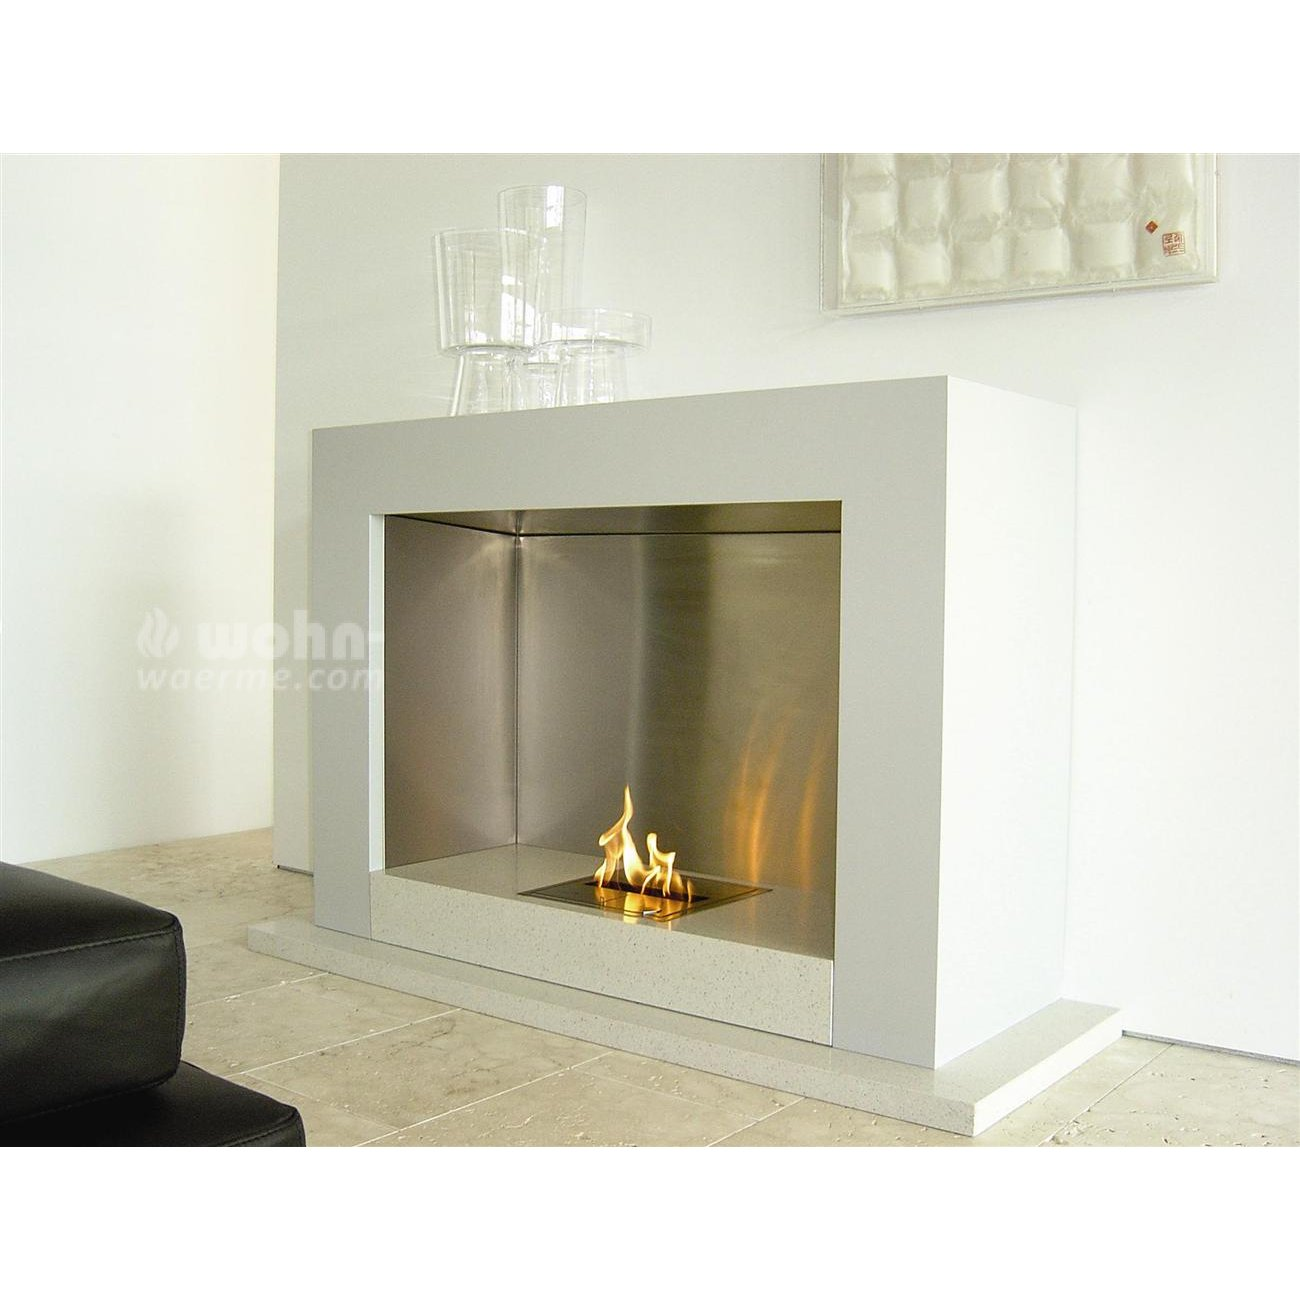 designer ethanol kamin ecosmart oxygen. Black Bedroom Furniture Sets. Home Design Ideas